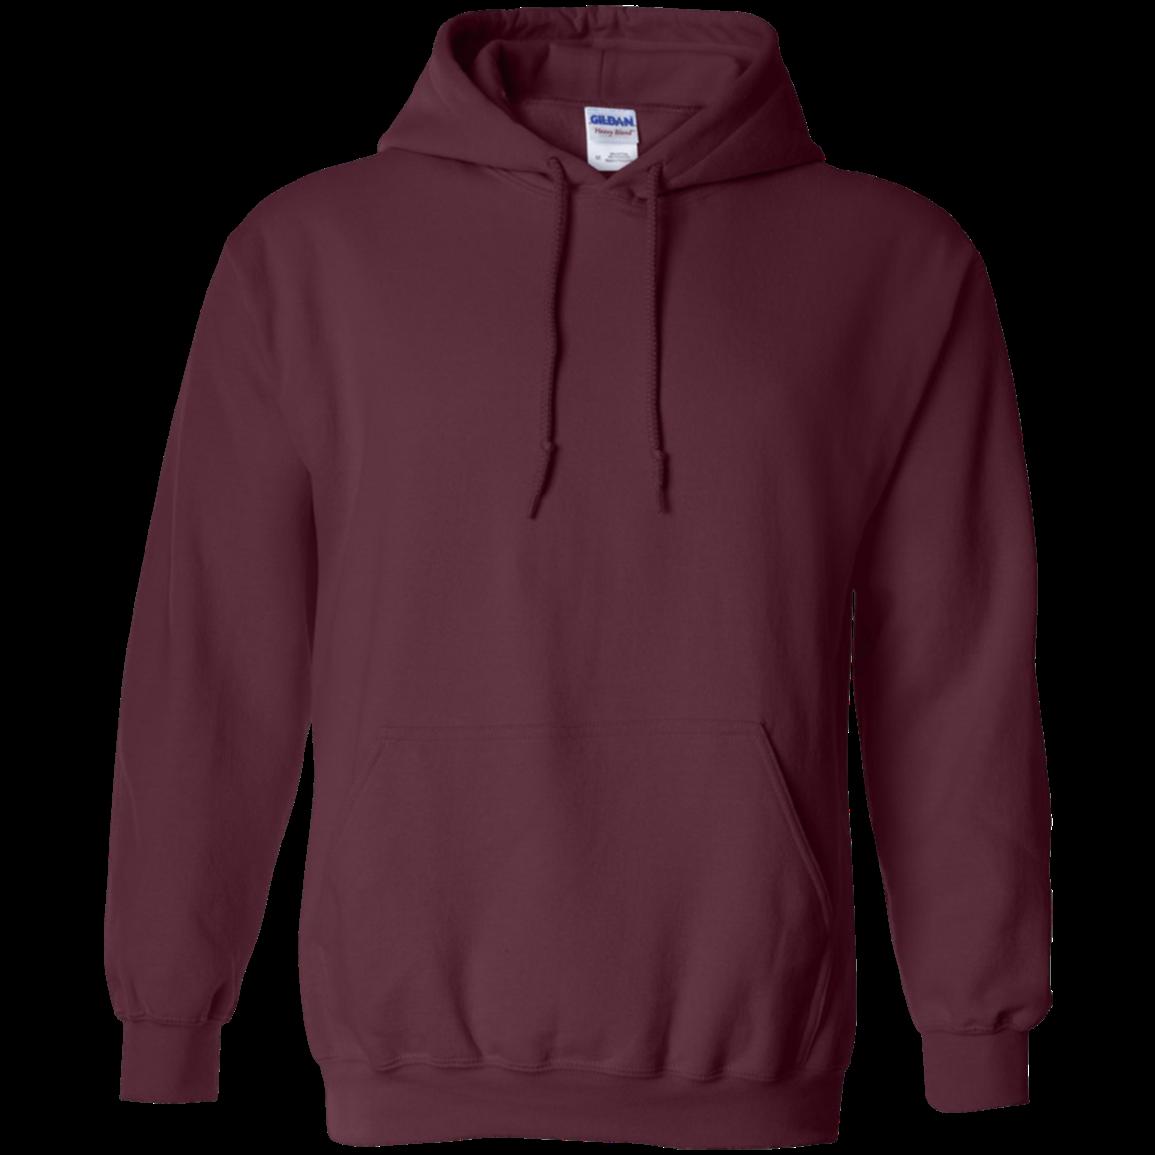 Schreiner university pullover oz. Hoodie clipart crewneck sweatshirt